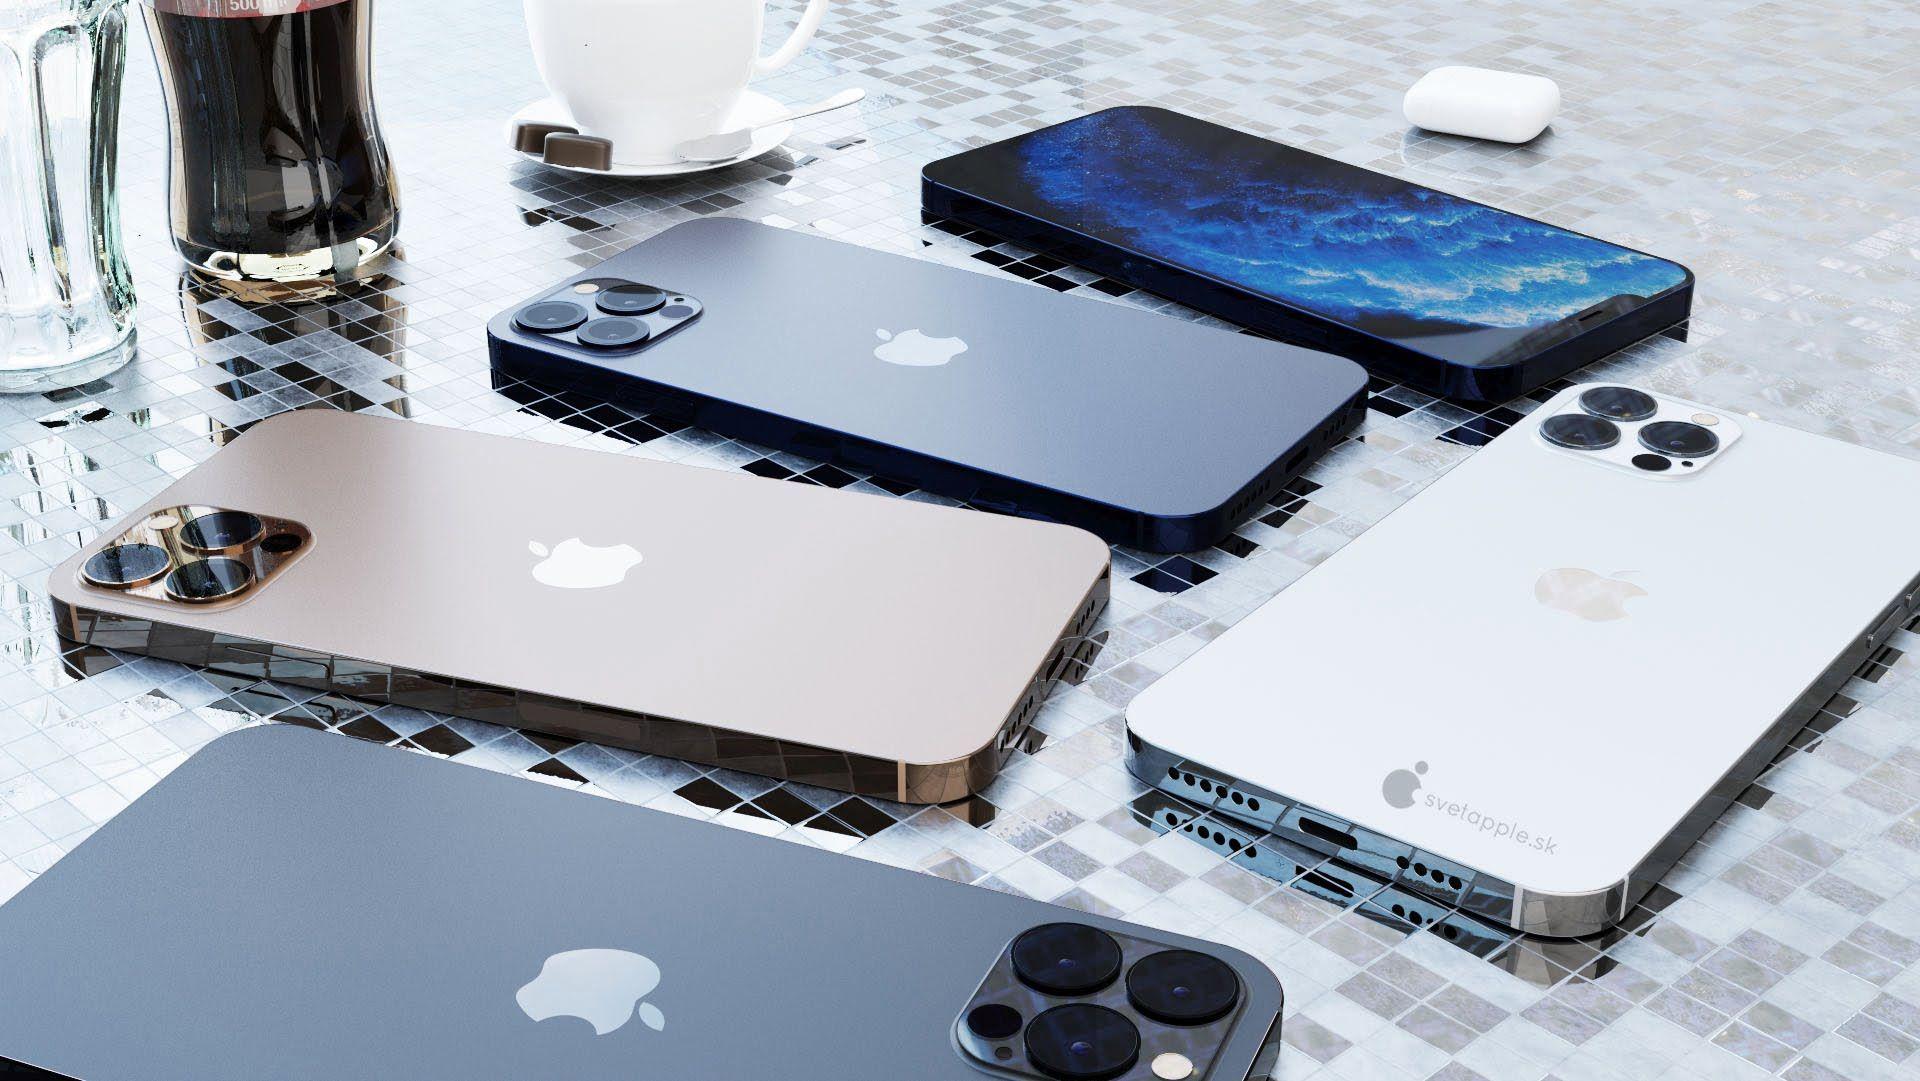 Nowa koncepcyjna wizja iPhone'a 12 Pro z ekranem 6,1 cala